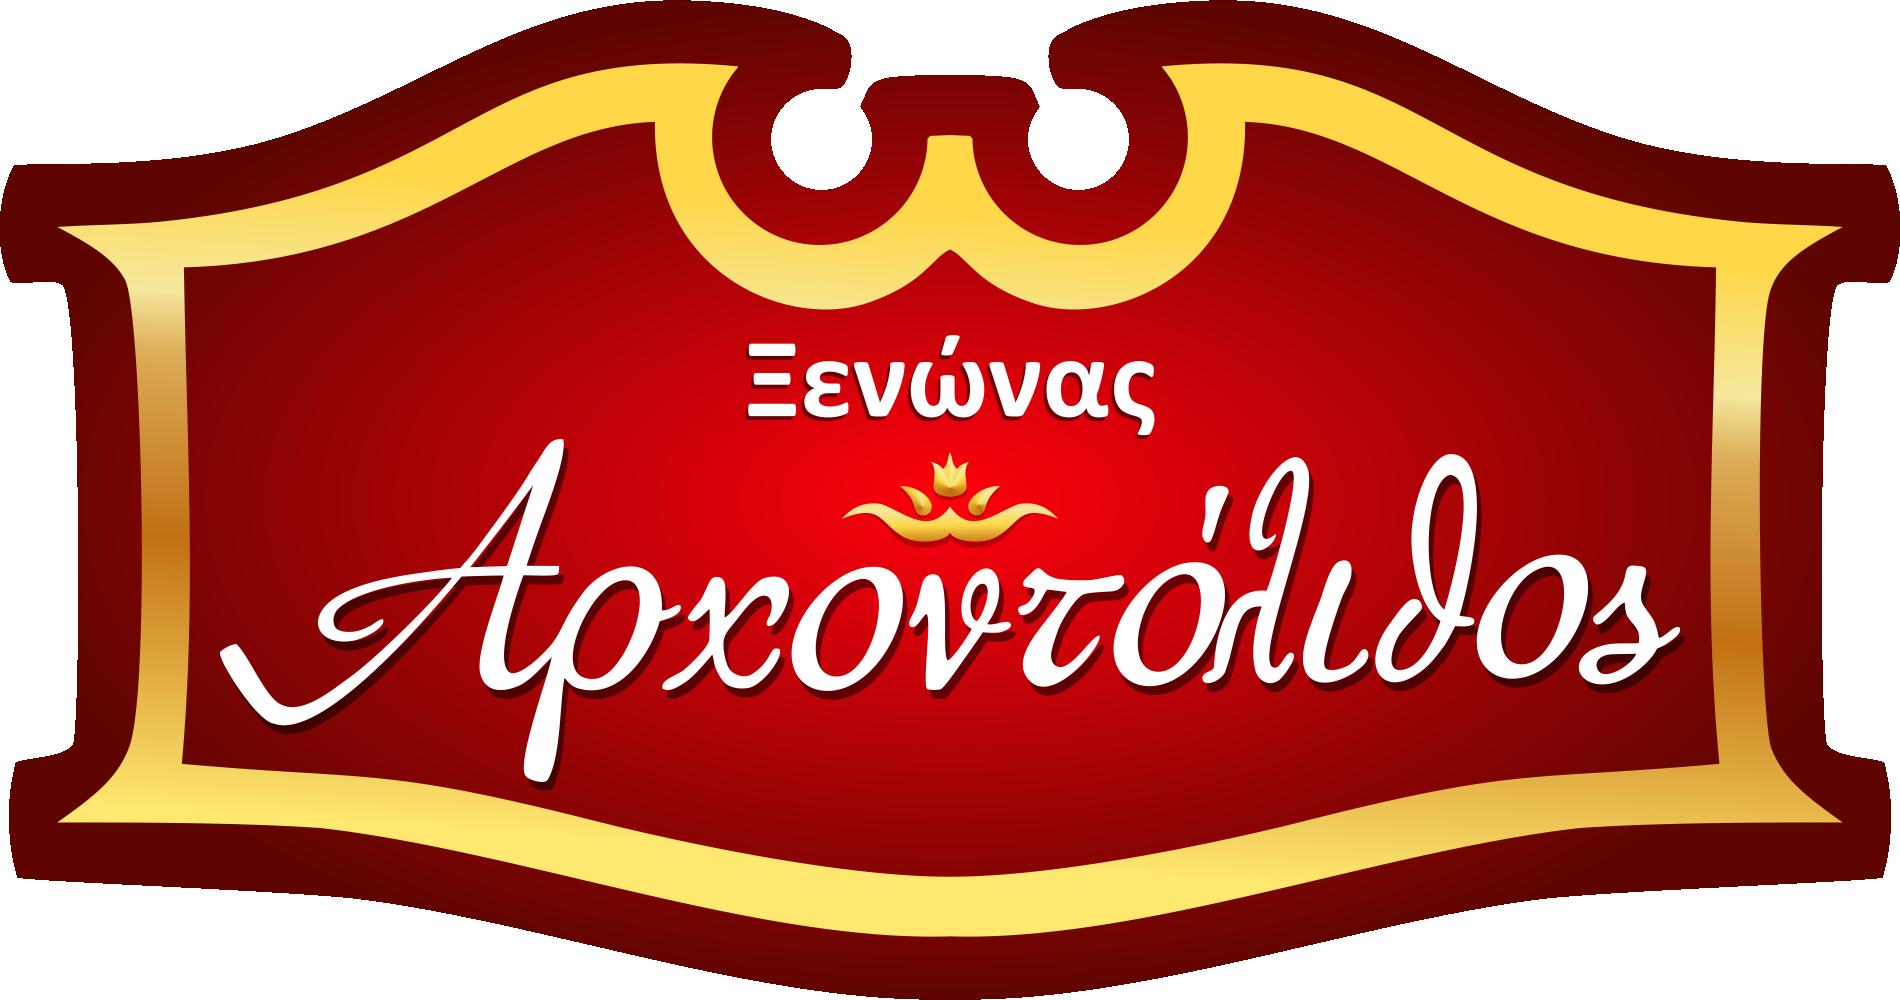 Arxontolithos